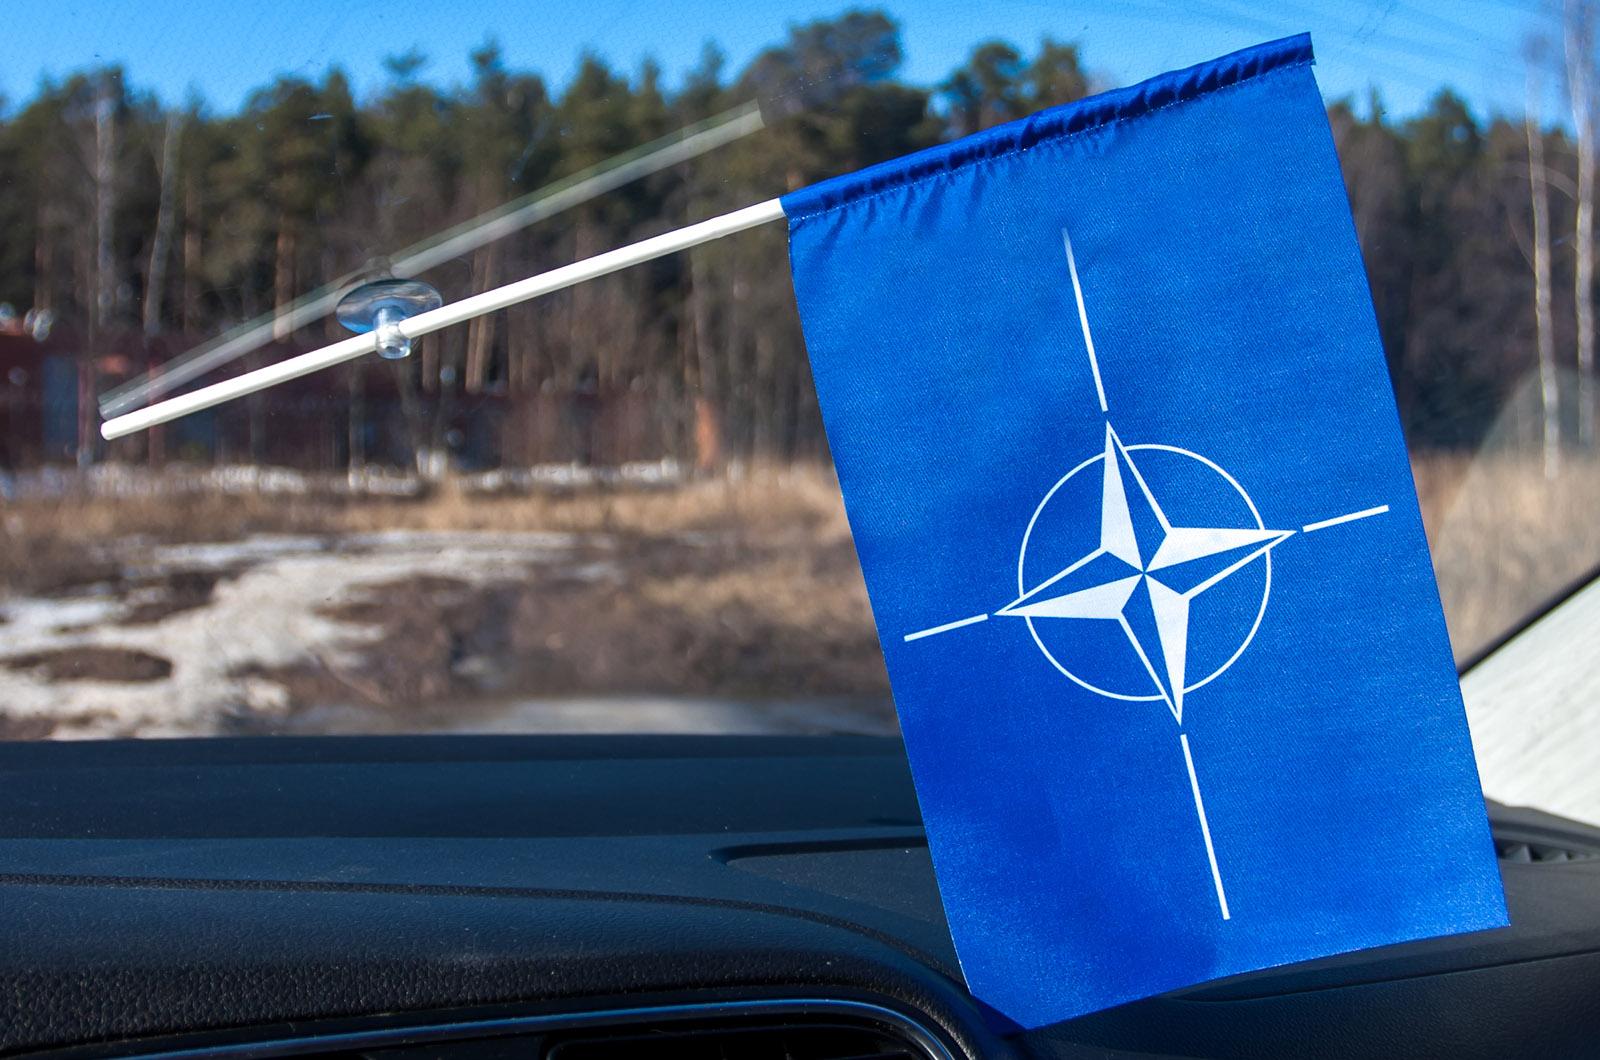 Флаг НАТО в машину